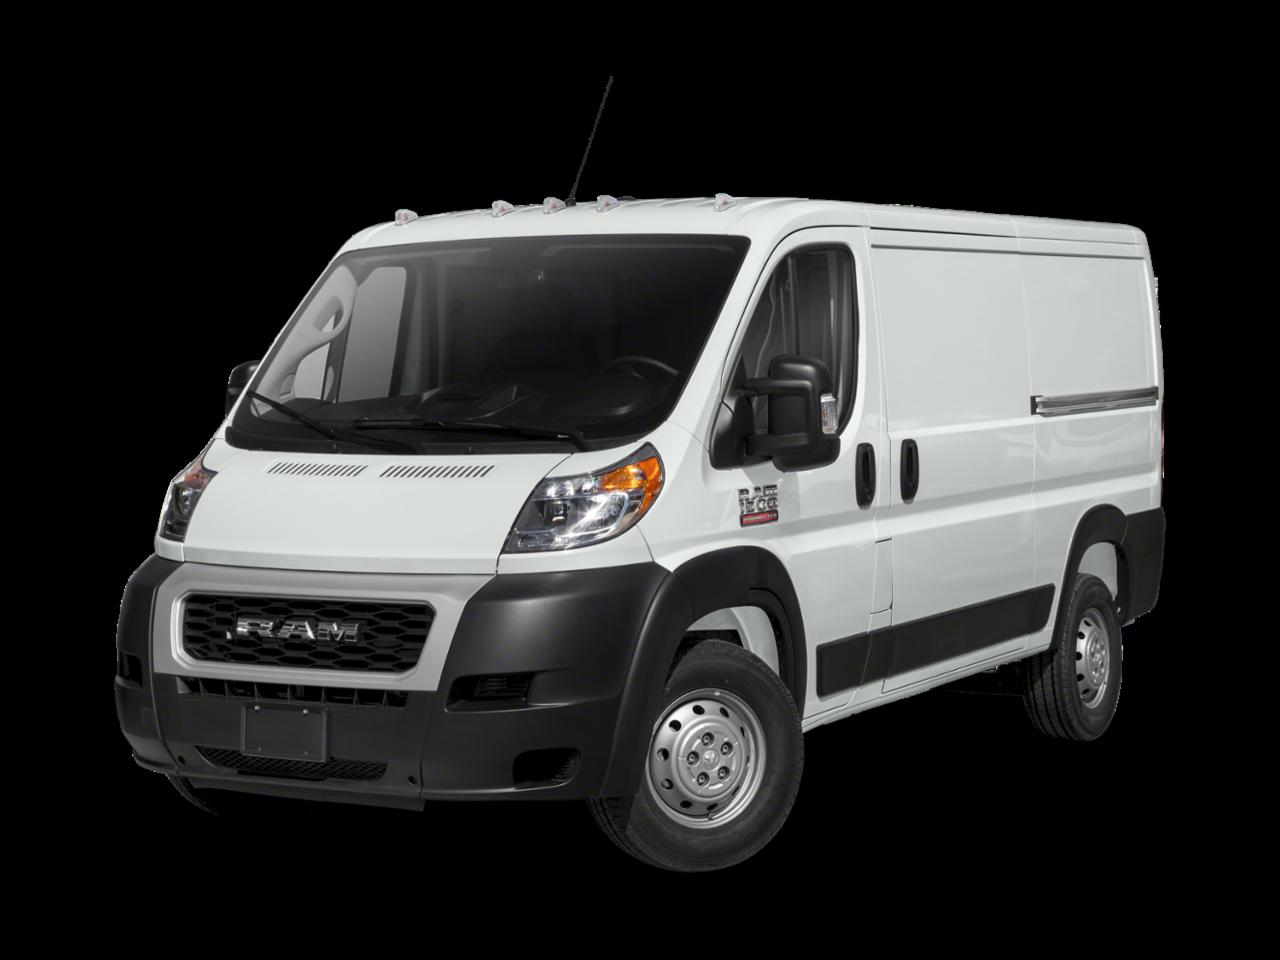 2019 RAM ProMaster Low Roof Cargo Van